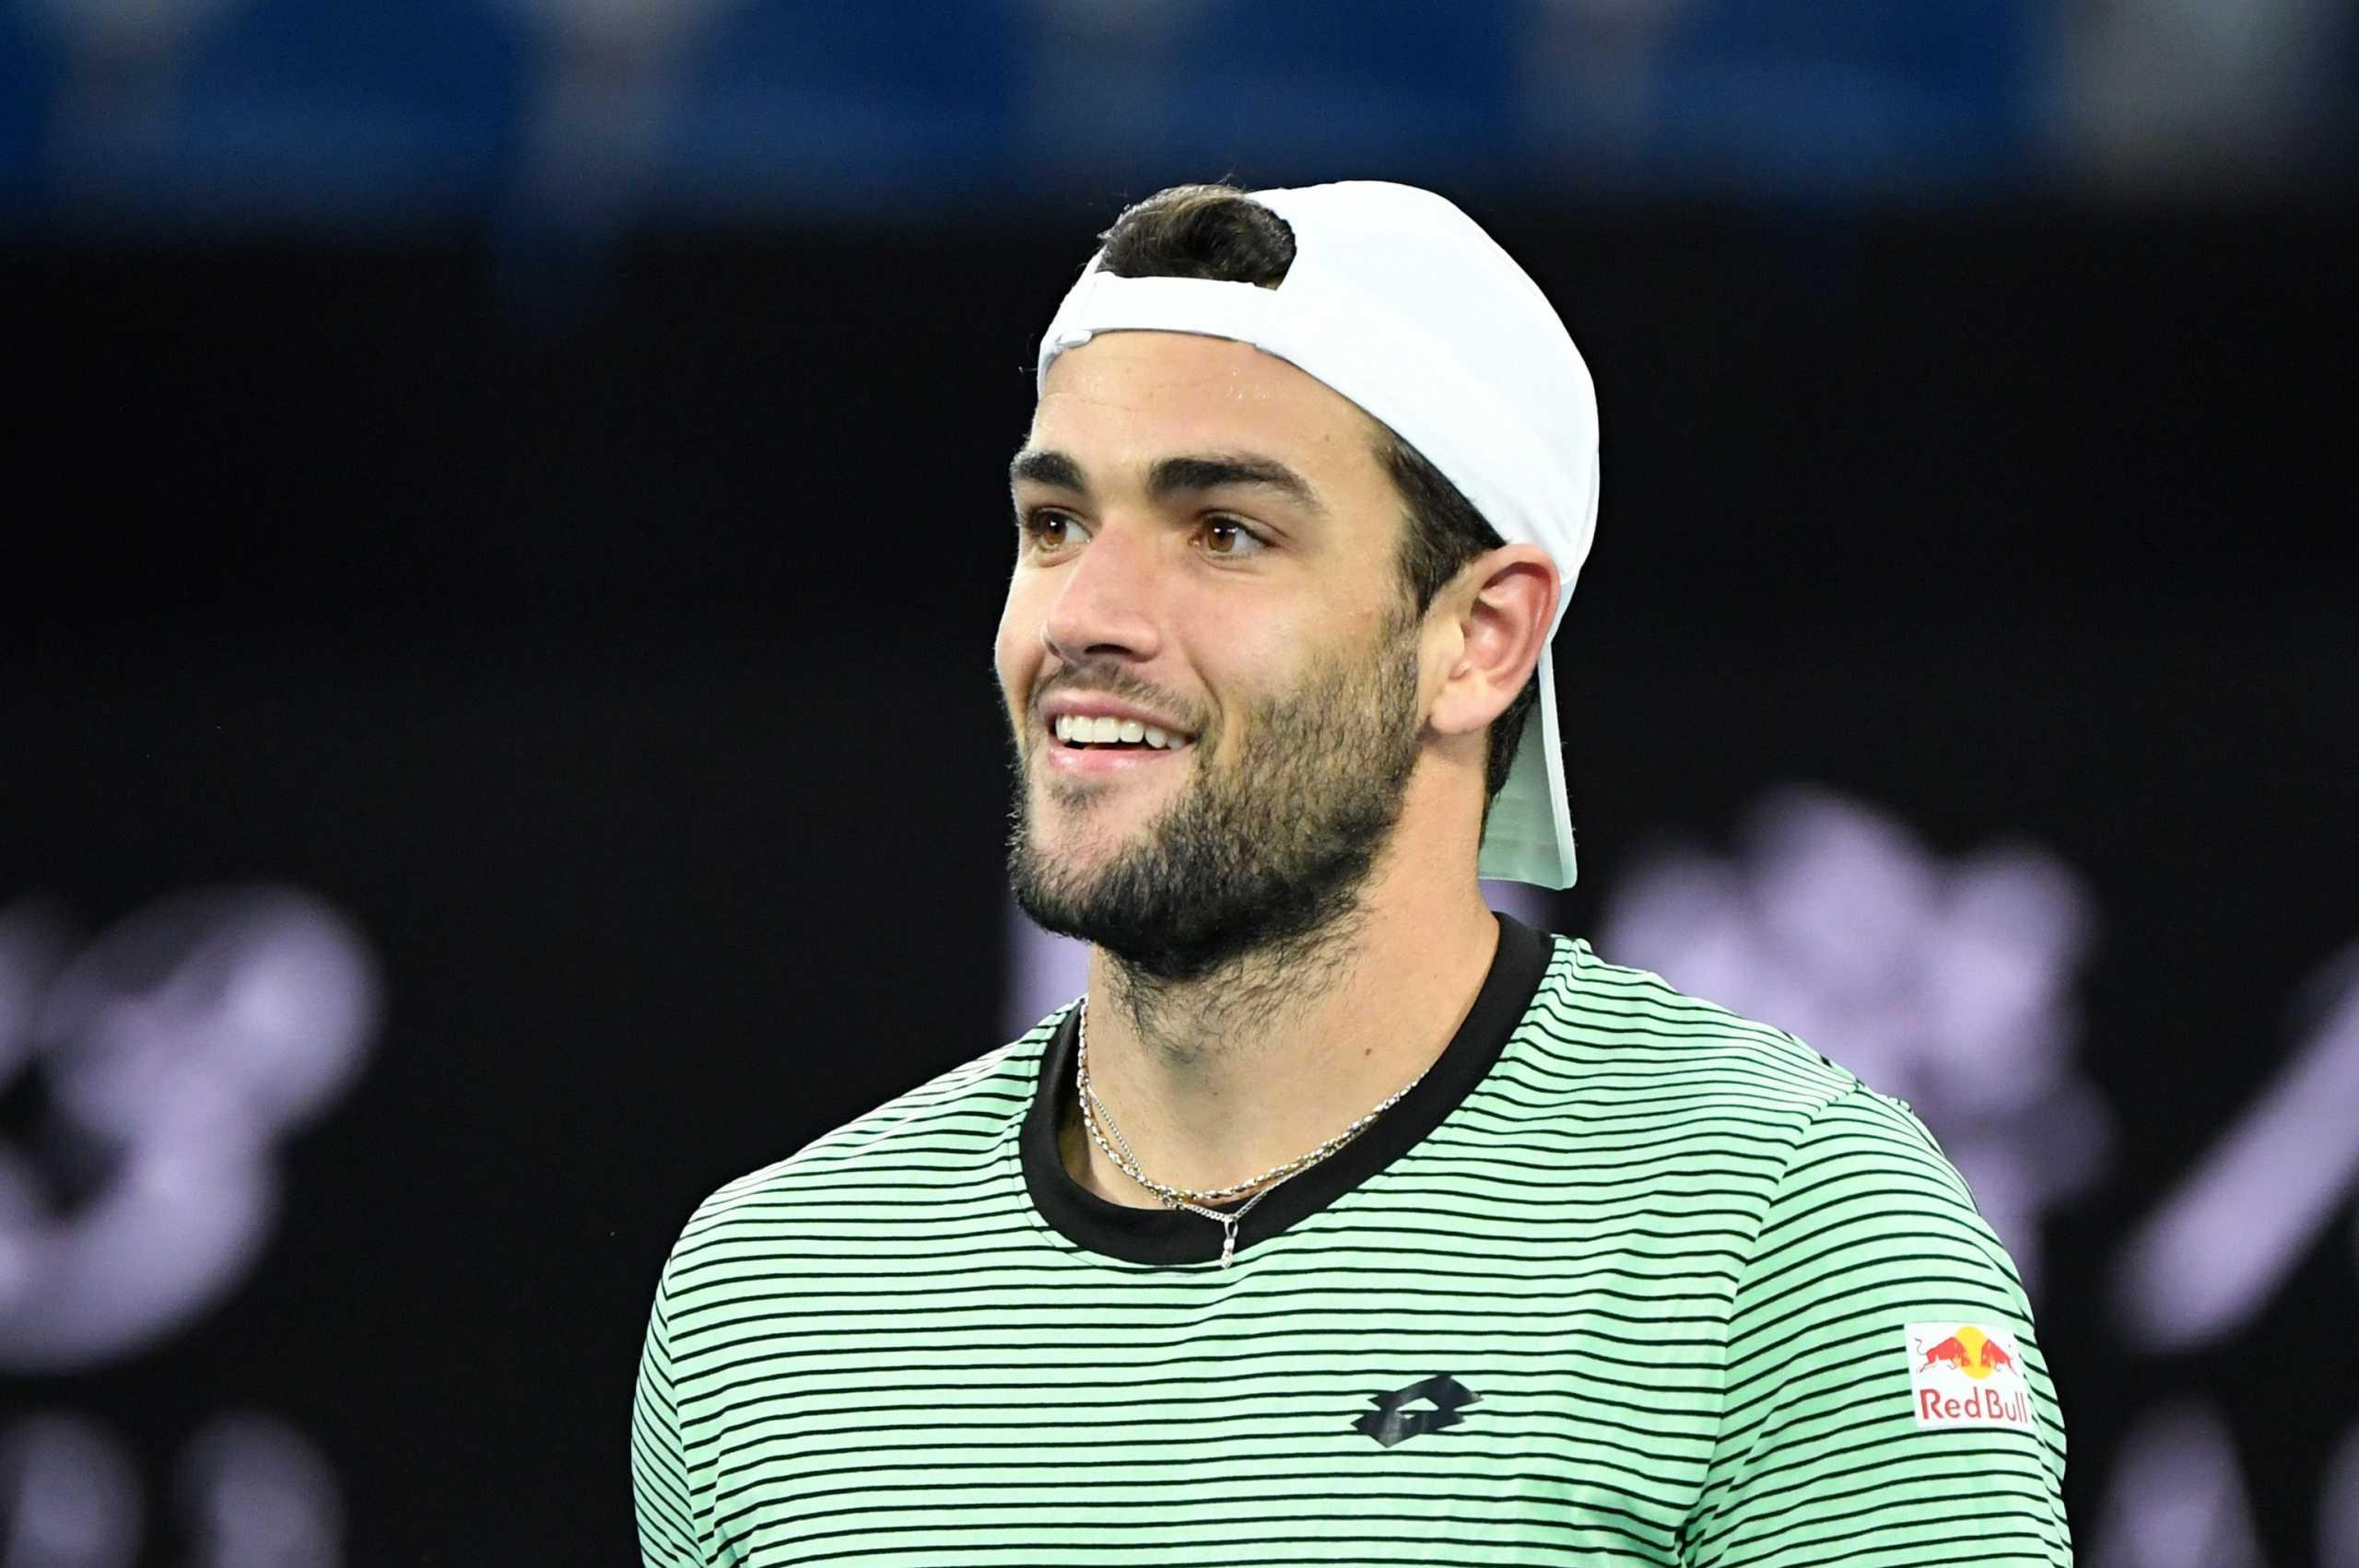 Τσιτσιπάς – Μπερετίνι στους «16» του Australian Open, σκόρπισε ανησυχία ο Ιταλός